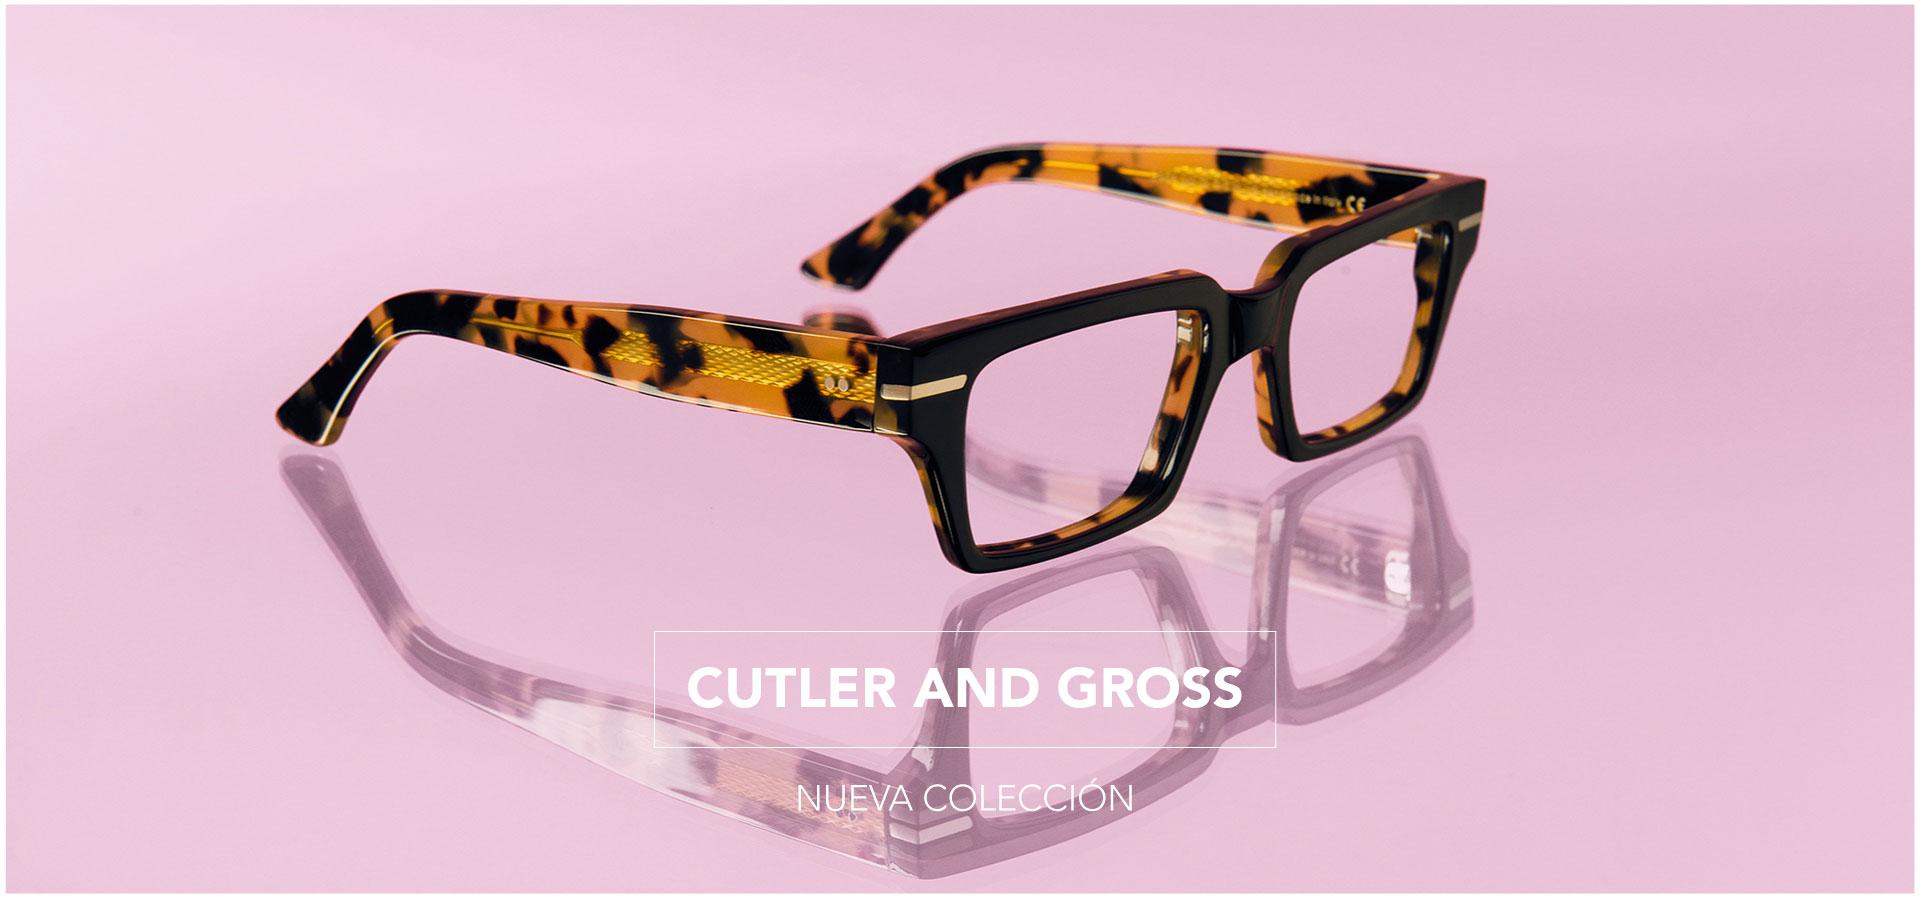 CUTLER AND GROSS | Nueva Colección SS2020